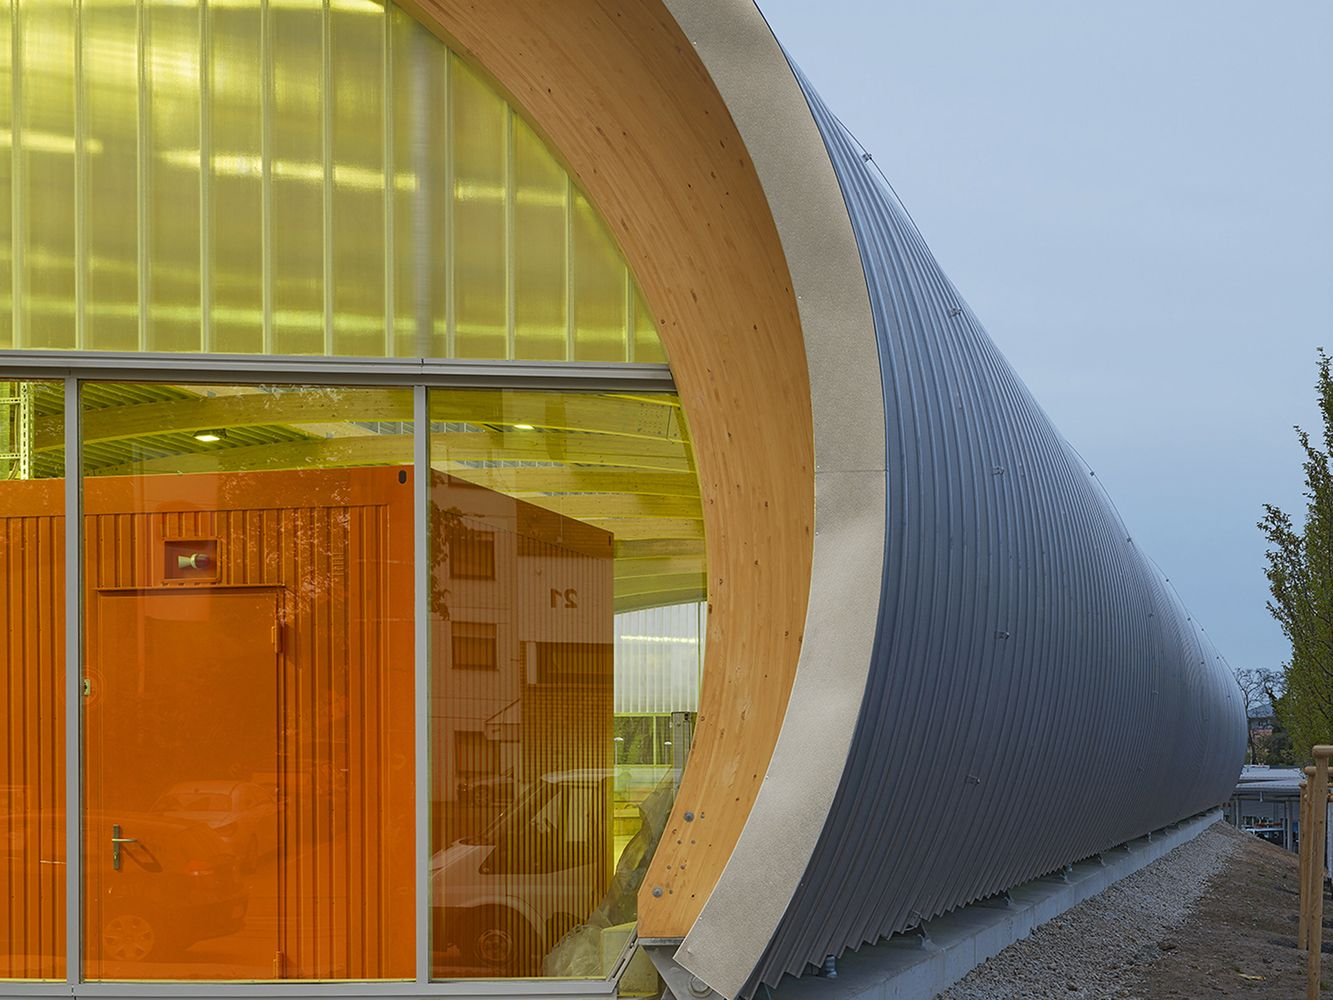 Gallery - Skaterhall / Herrmann + Bosch Architekten - 3